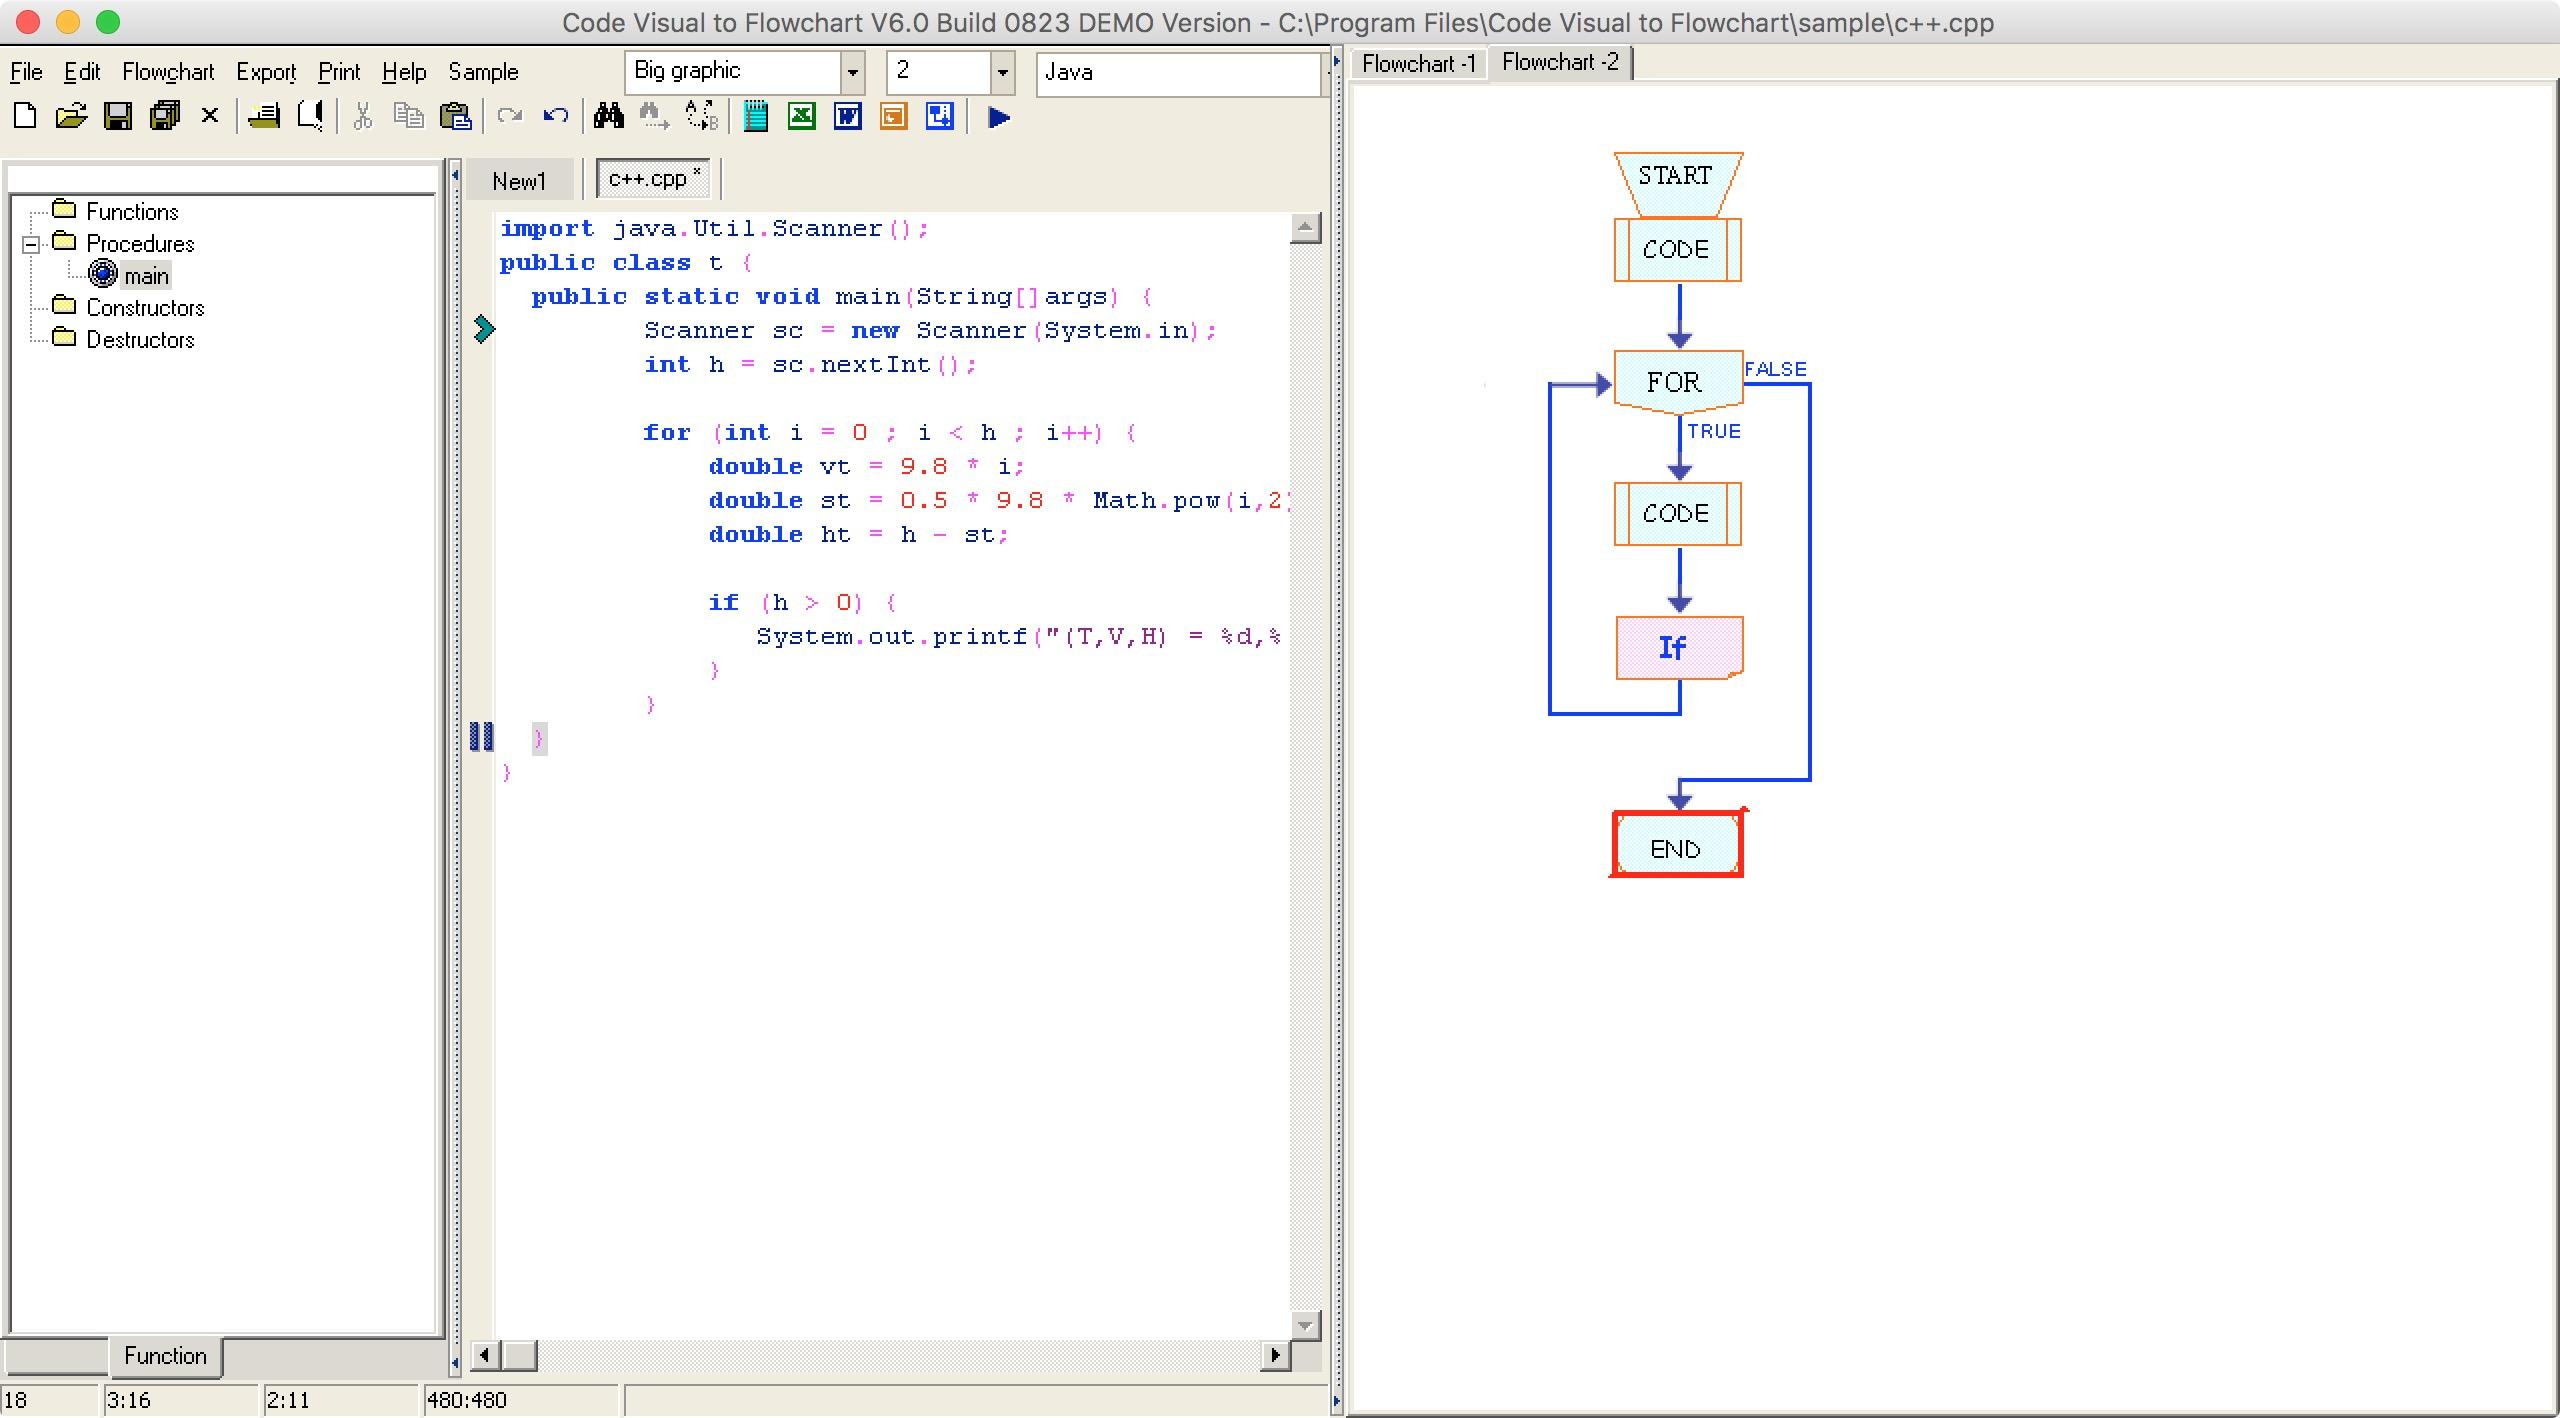 ใครพอแปลง code ให้เป็น Flowchart ได้ครับ ช่วยที พรีสสส